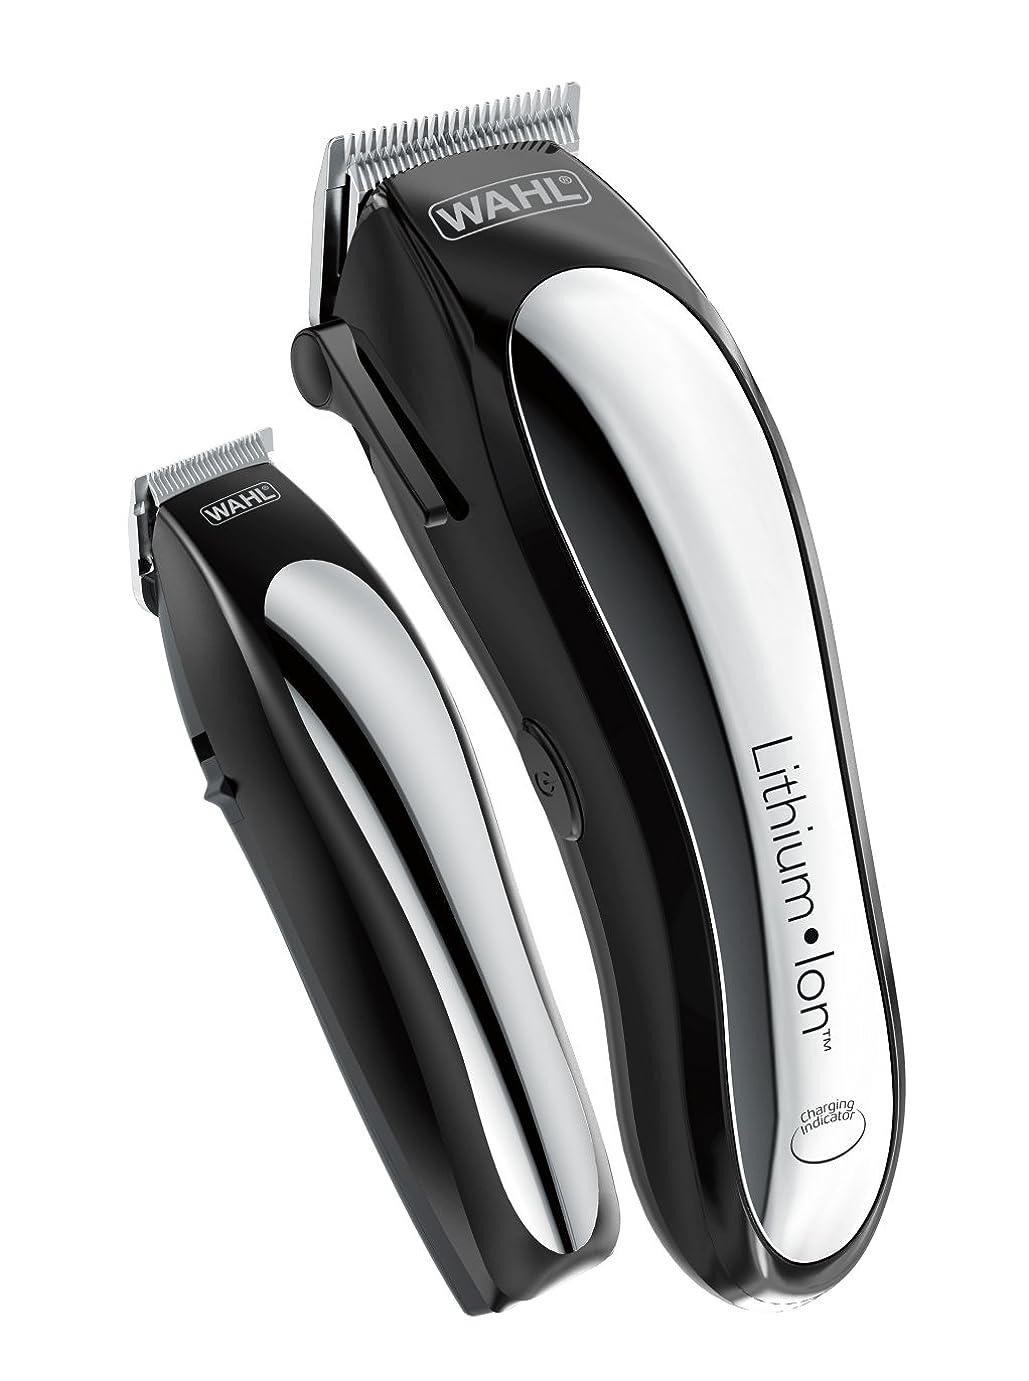 ガレージ本能嵐のWahl Clipper Lithium Ion Cordless Rechargeable Hair Clippers and Trimmers for men,Hair Cutting Kit with 10 Guide Combs... Wahl